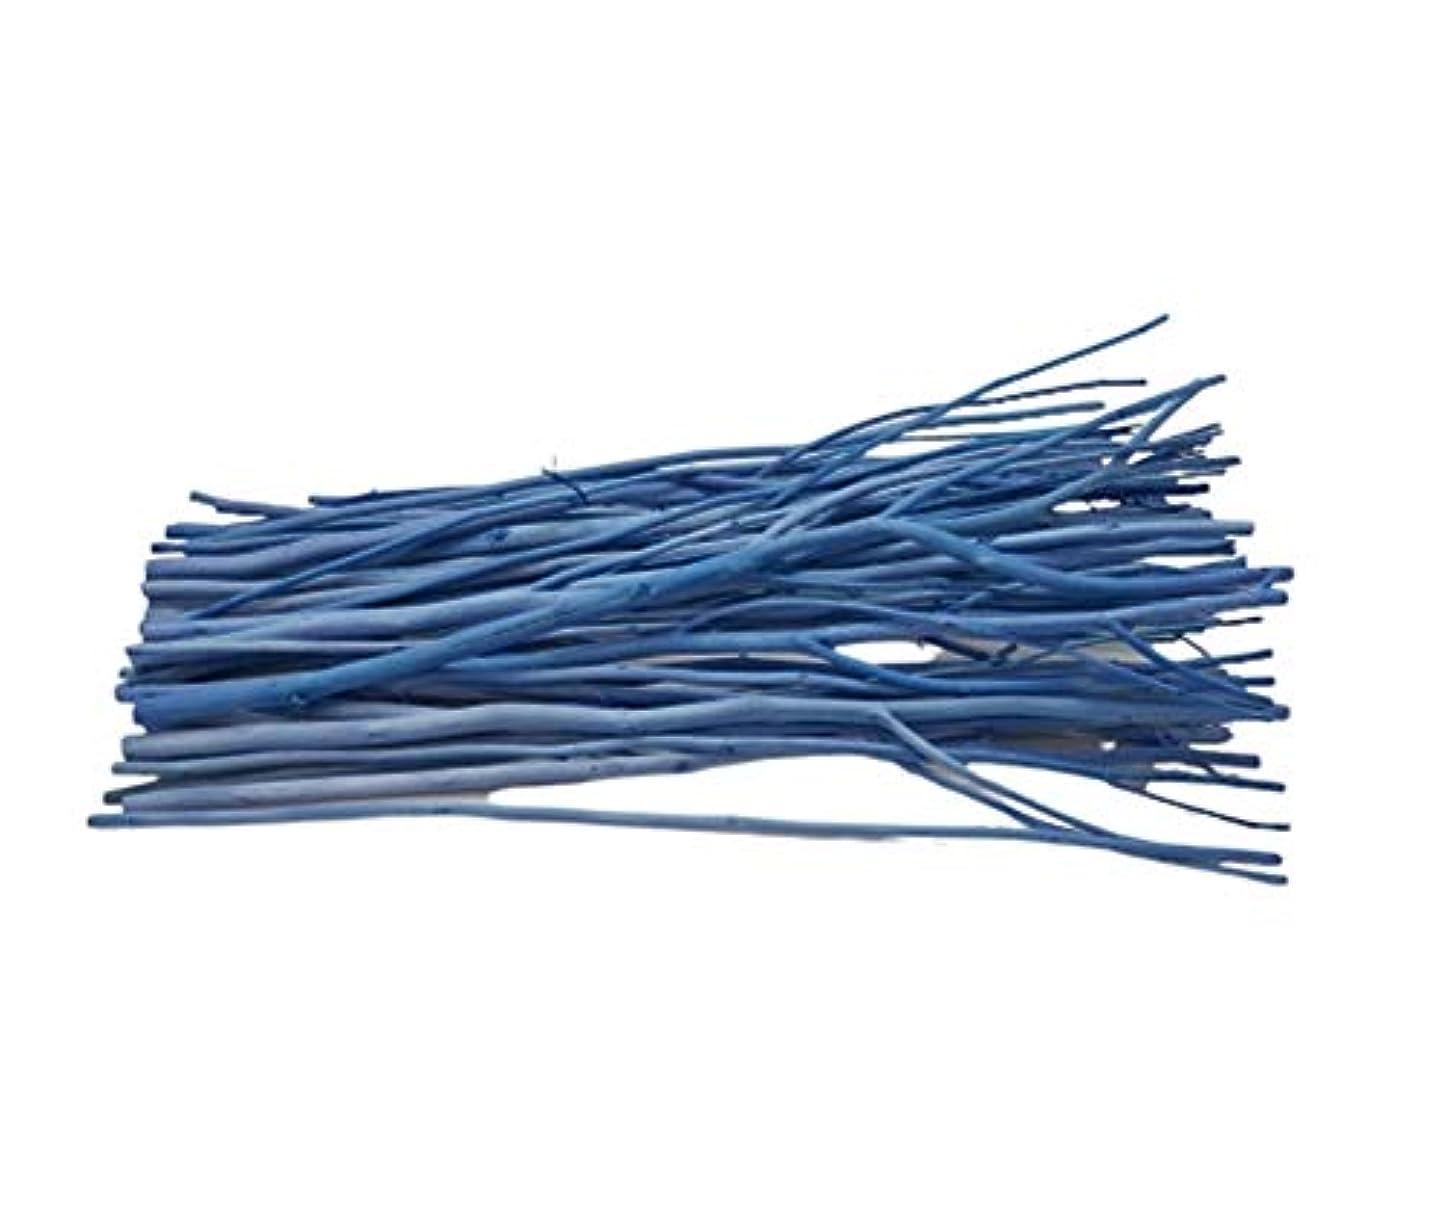 静めるいたずら最初(ブリリアントバンク)Brilliant Bank BLUE カラーリードスティック リードディフューザー 用 リフィル リードスティック アレンジウッドスティック (50本, BLUE)